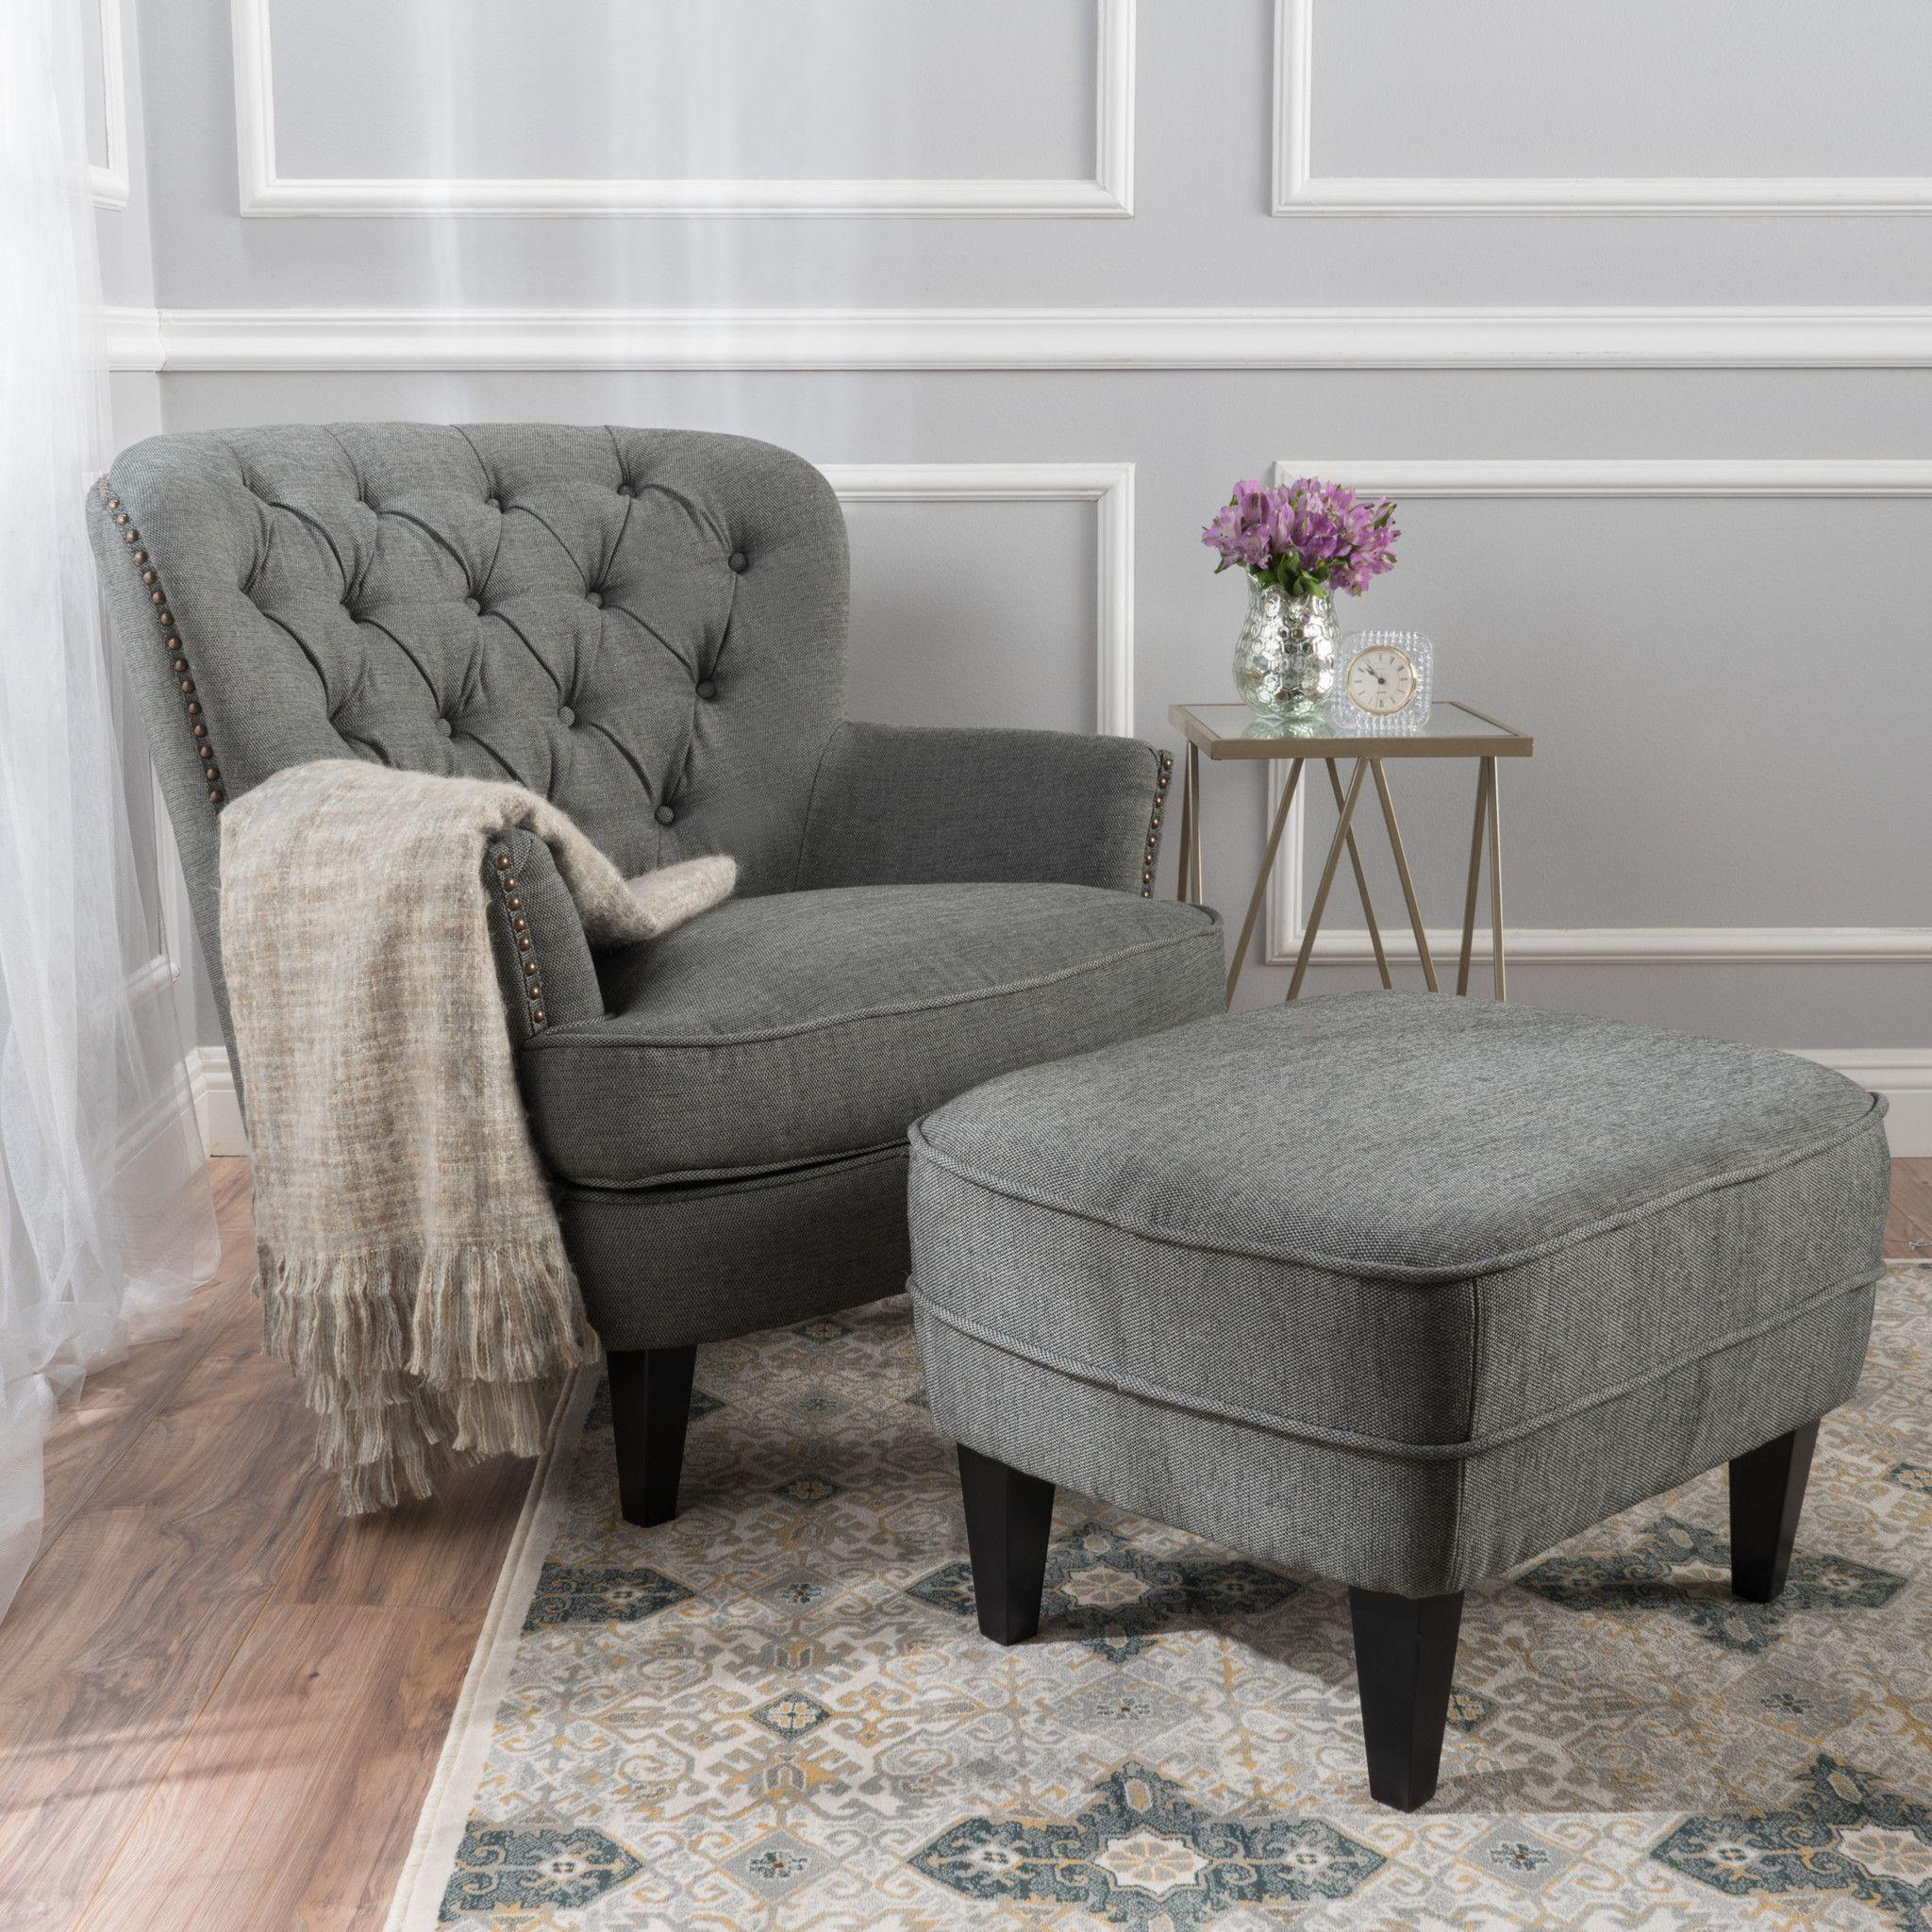 Weißer Sessel Mit Hocker, Zwei Stühle Und Osmanen Doppel